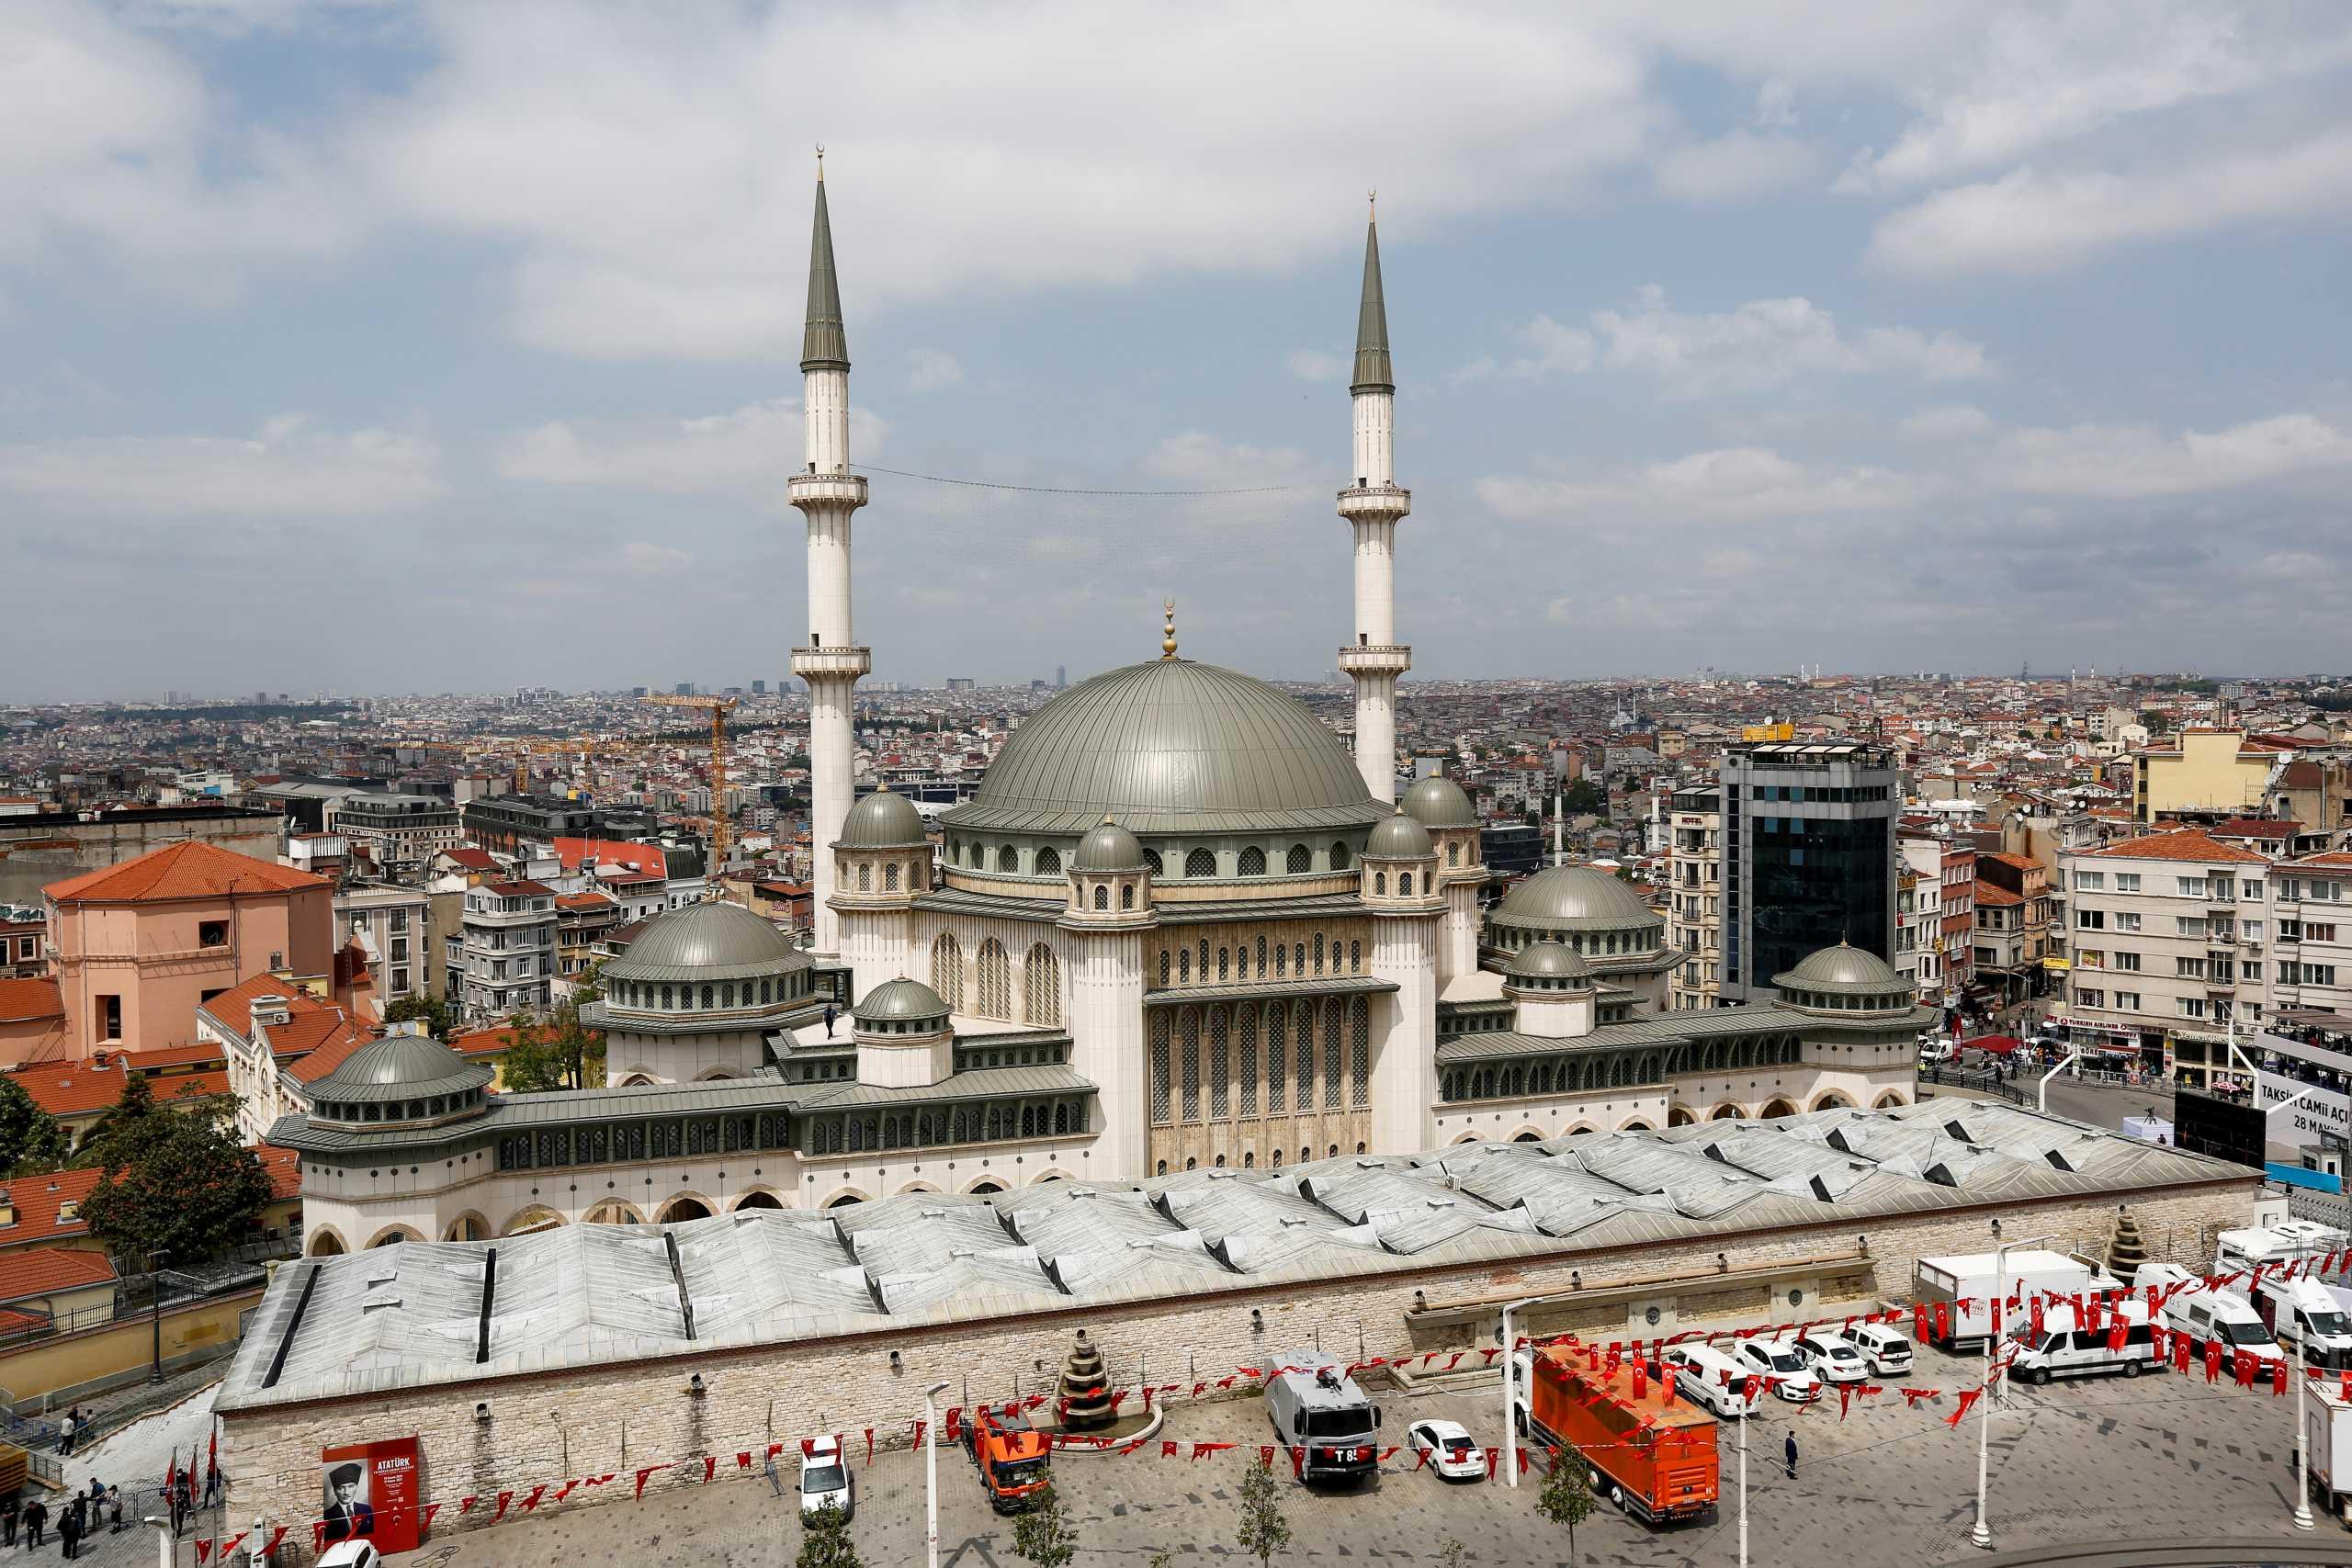 Τουρκία: Τεράστιο τζαμί με σφραγίδα Ερντογάν στην πλατεία Ταξίμ